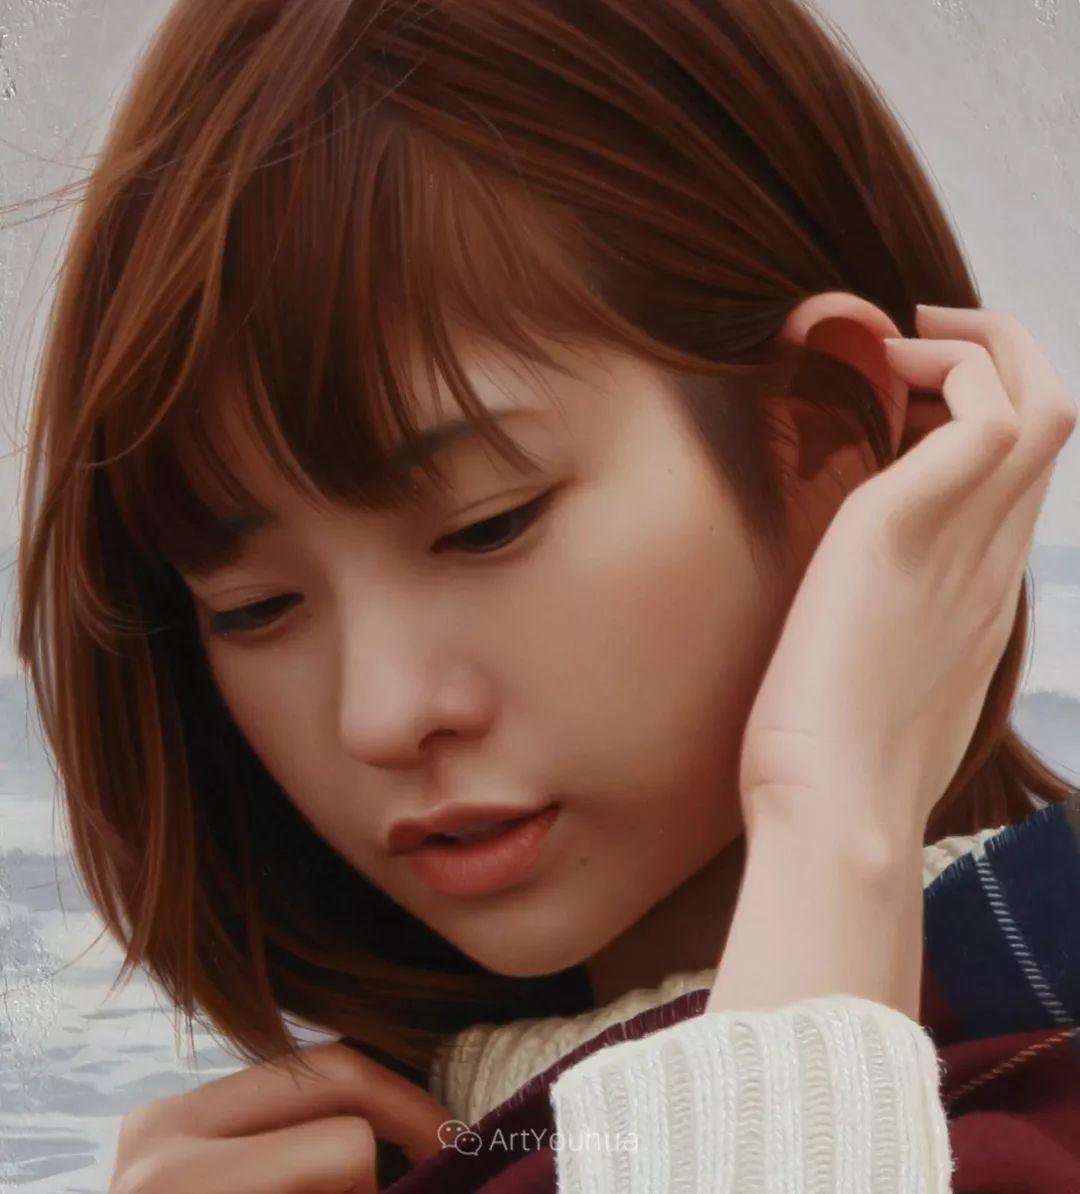 女性的气质美,极致的温柔与梦幻般的意境插图135